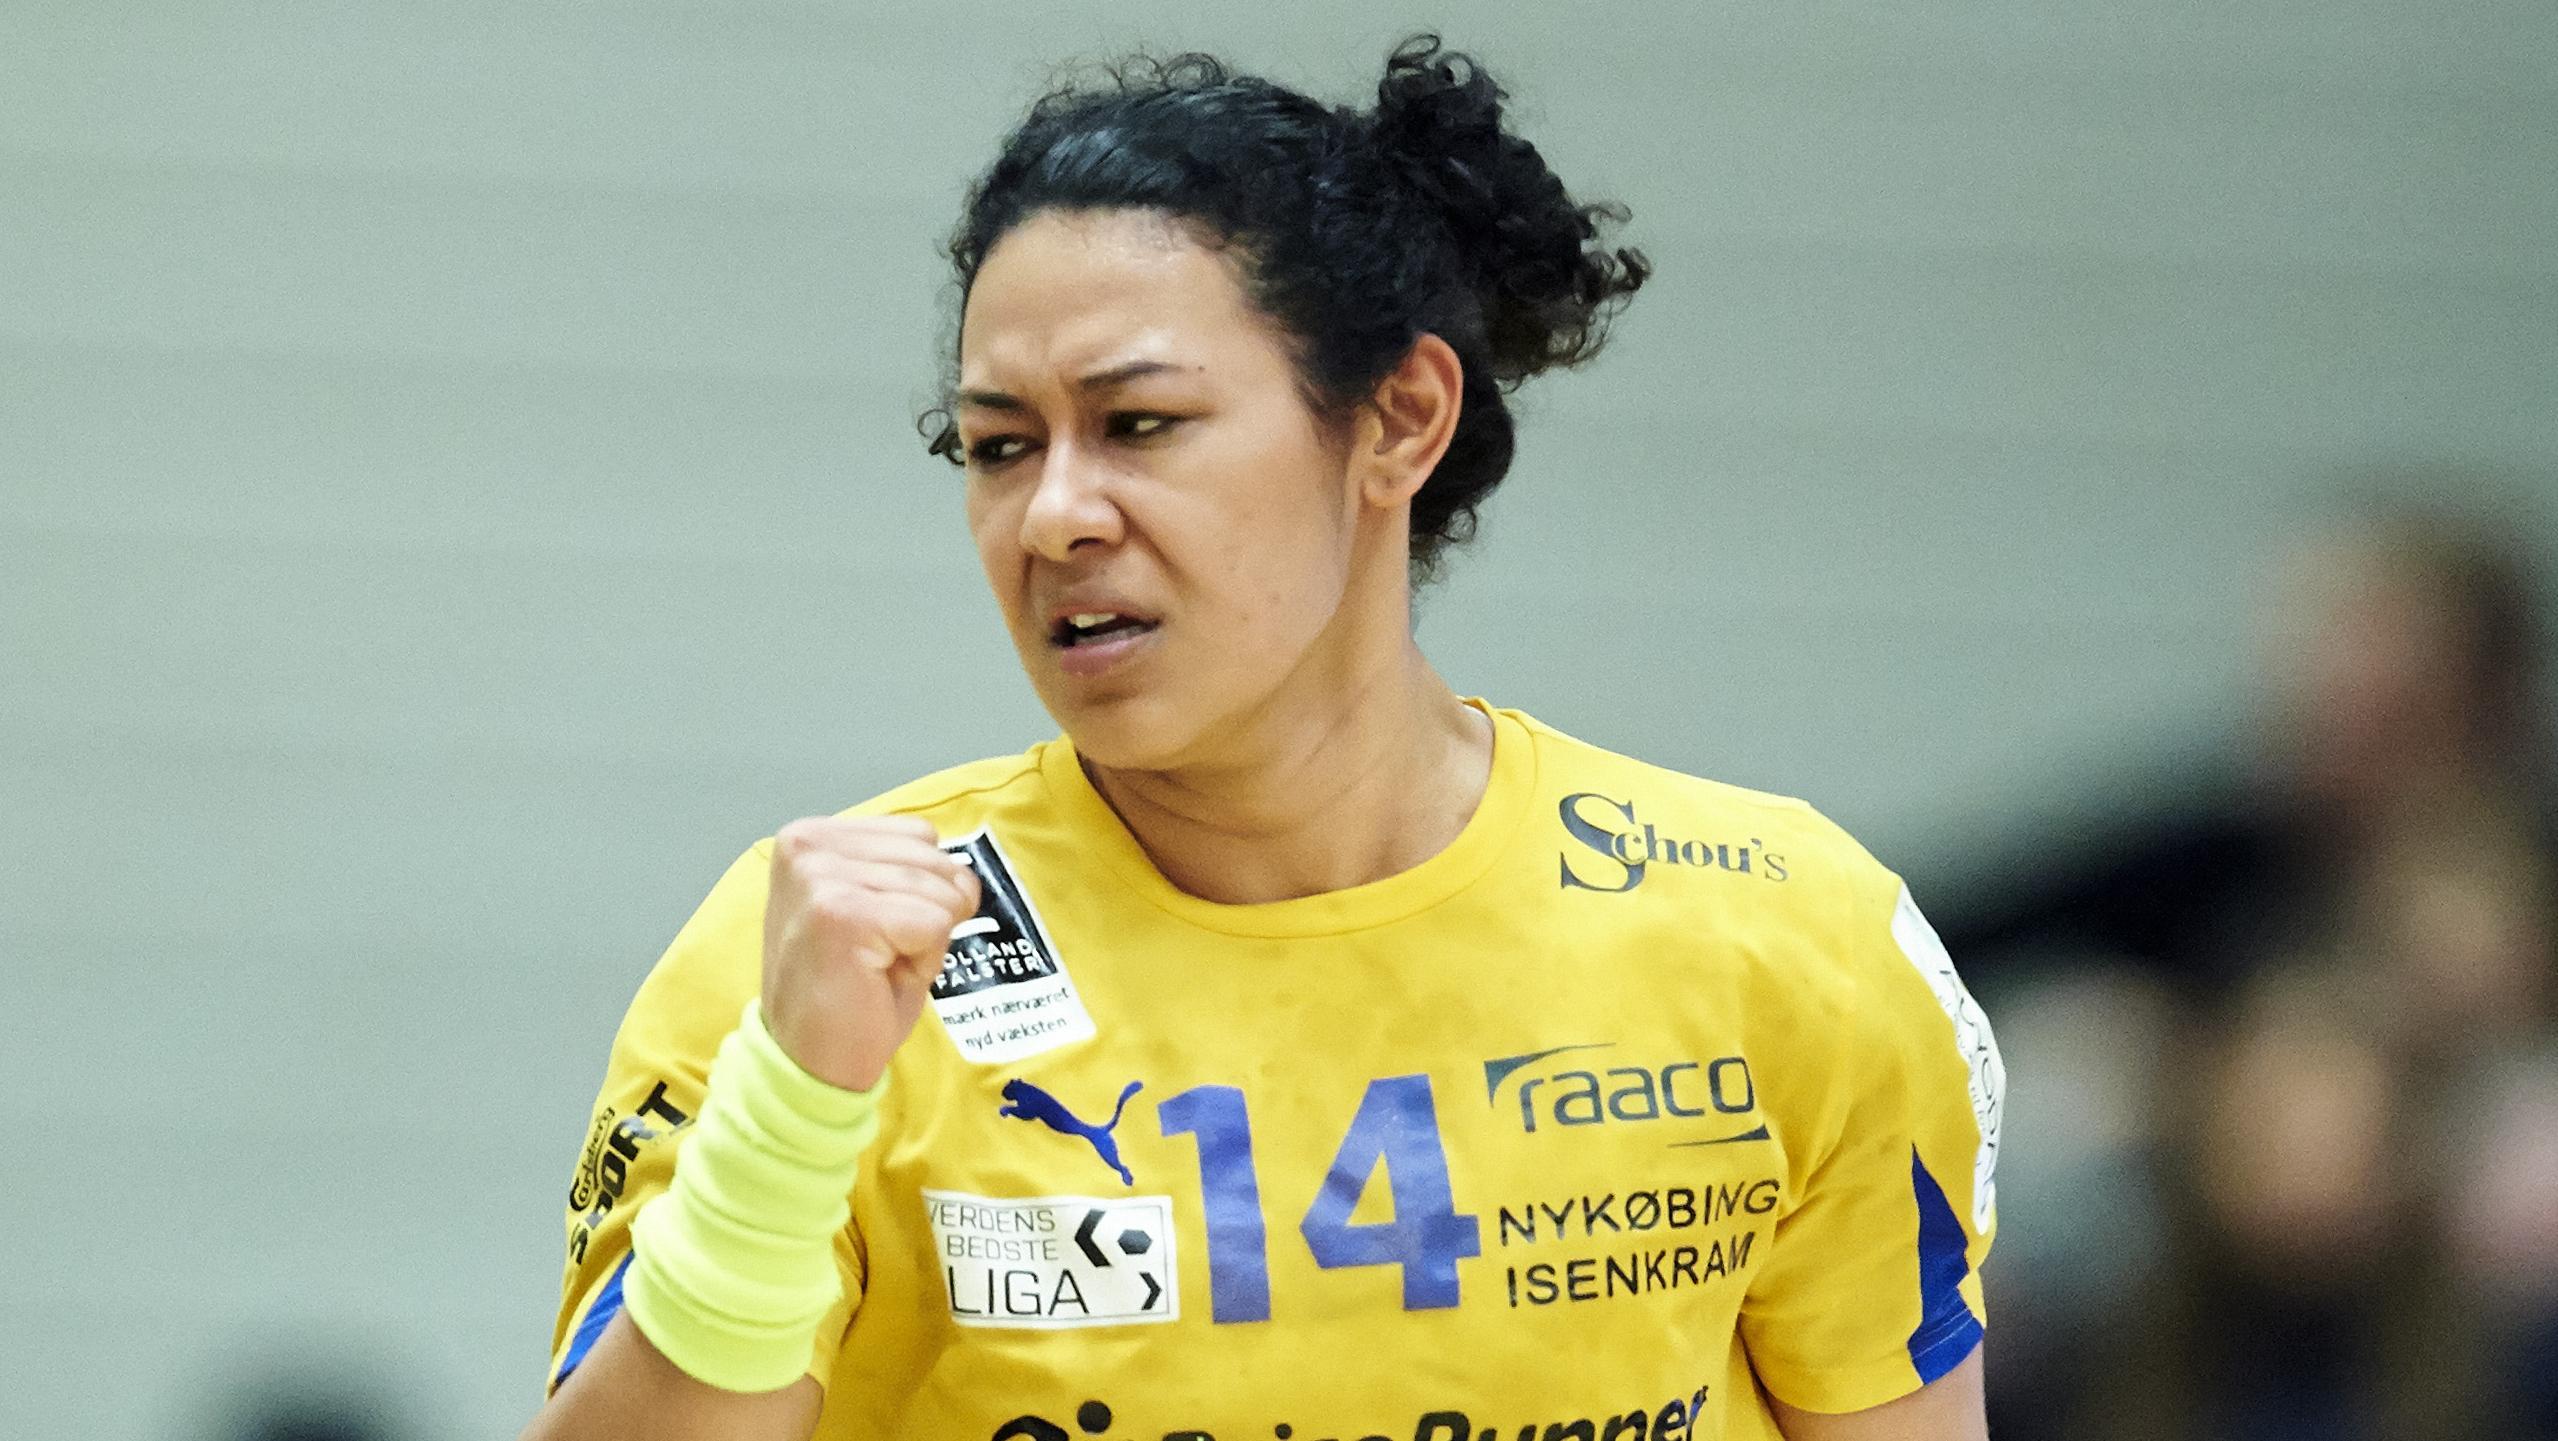 Elaine Gomes Barbosa